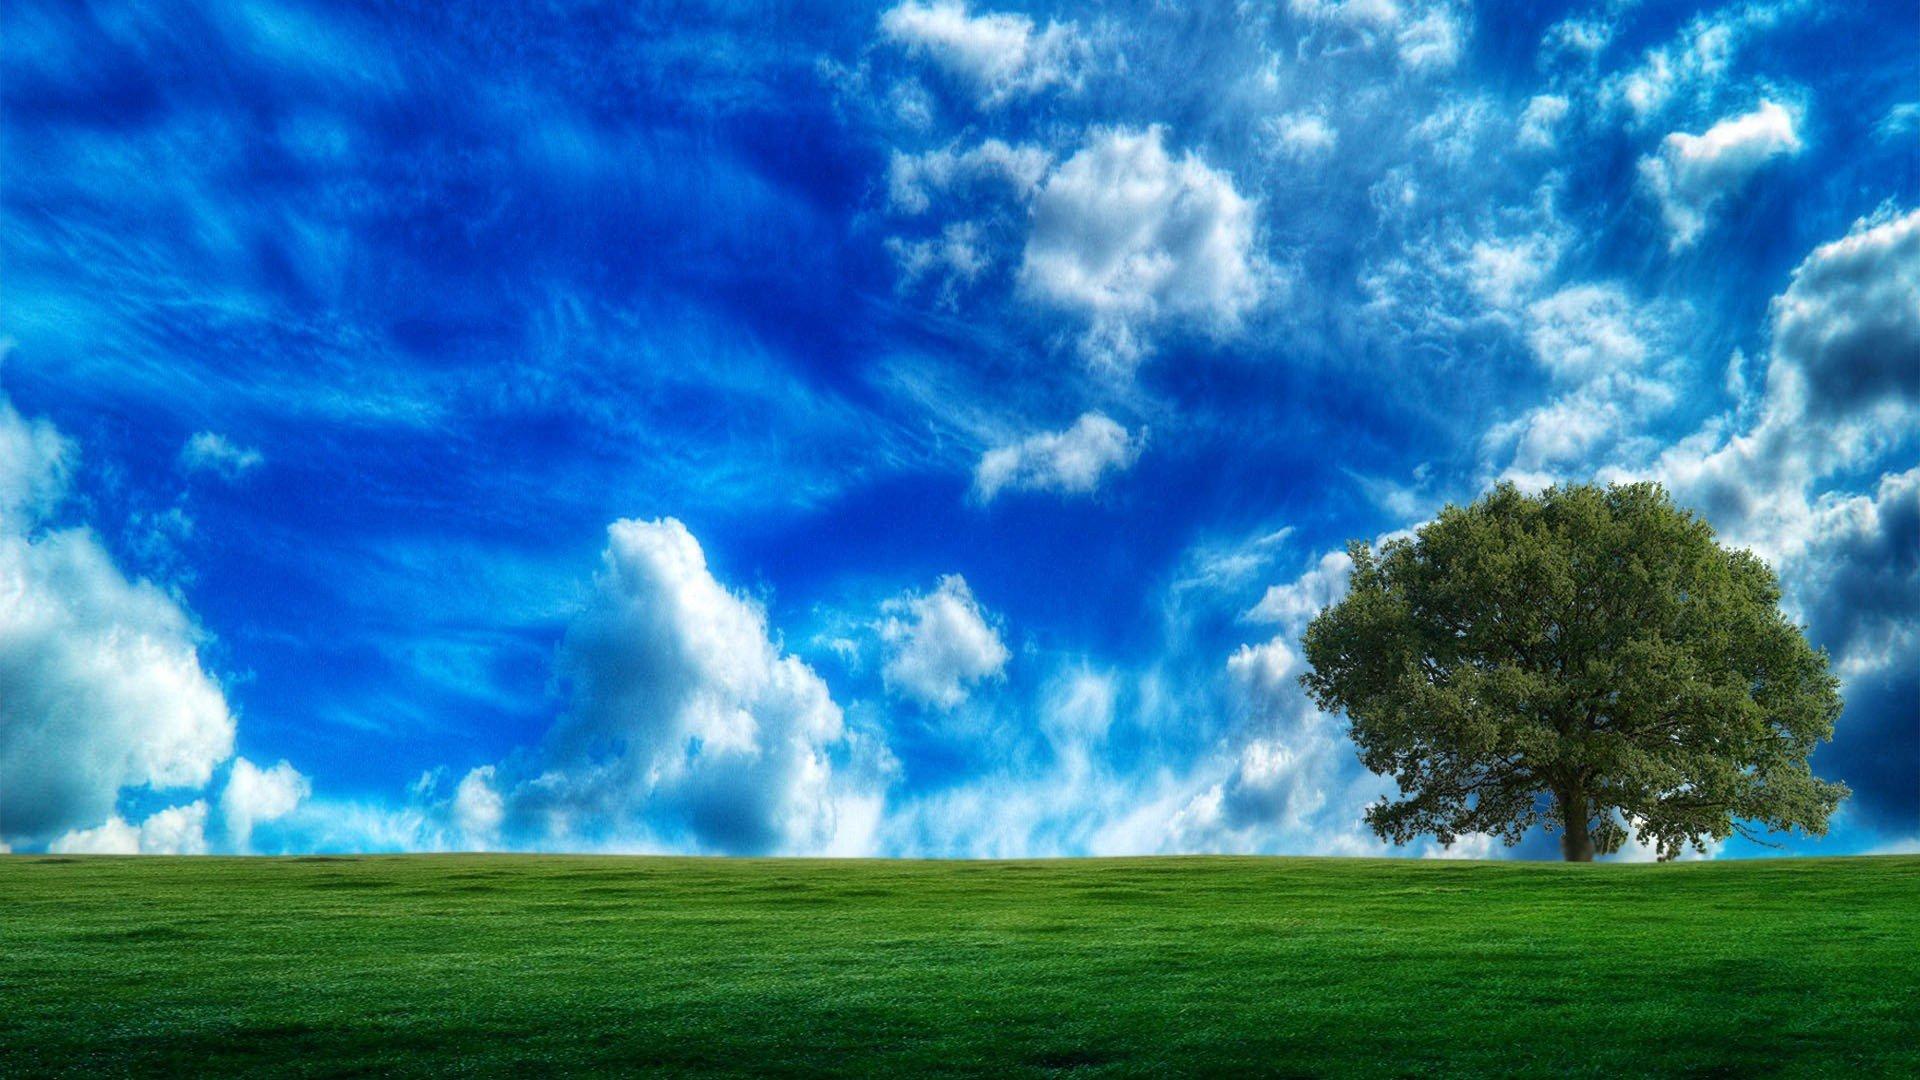 природа небо облака деревья поле nature the sky clouds trees field  № 243740  скачать